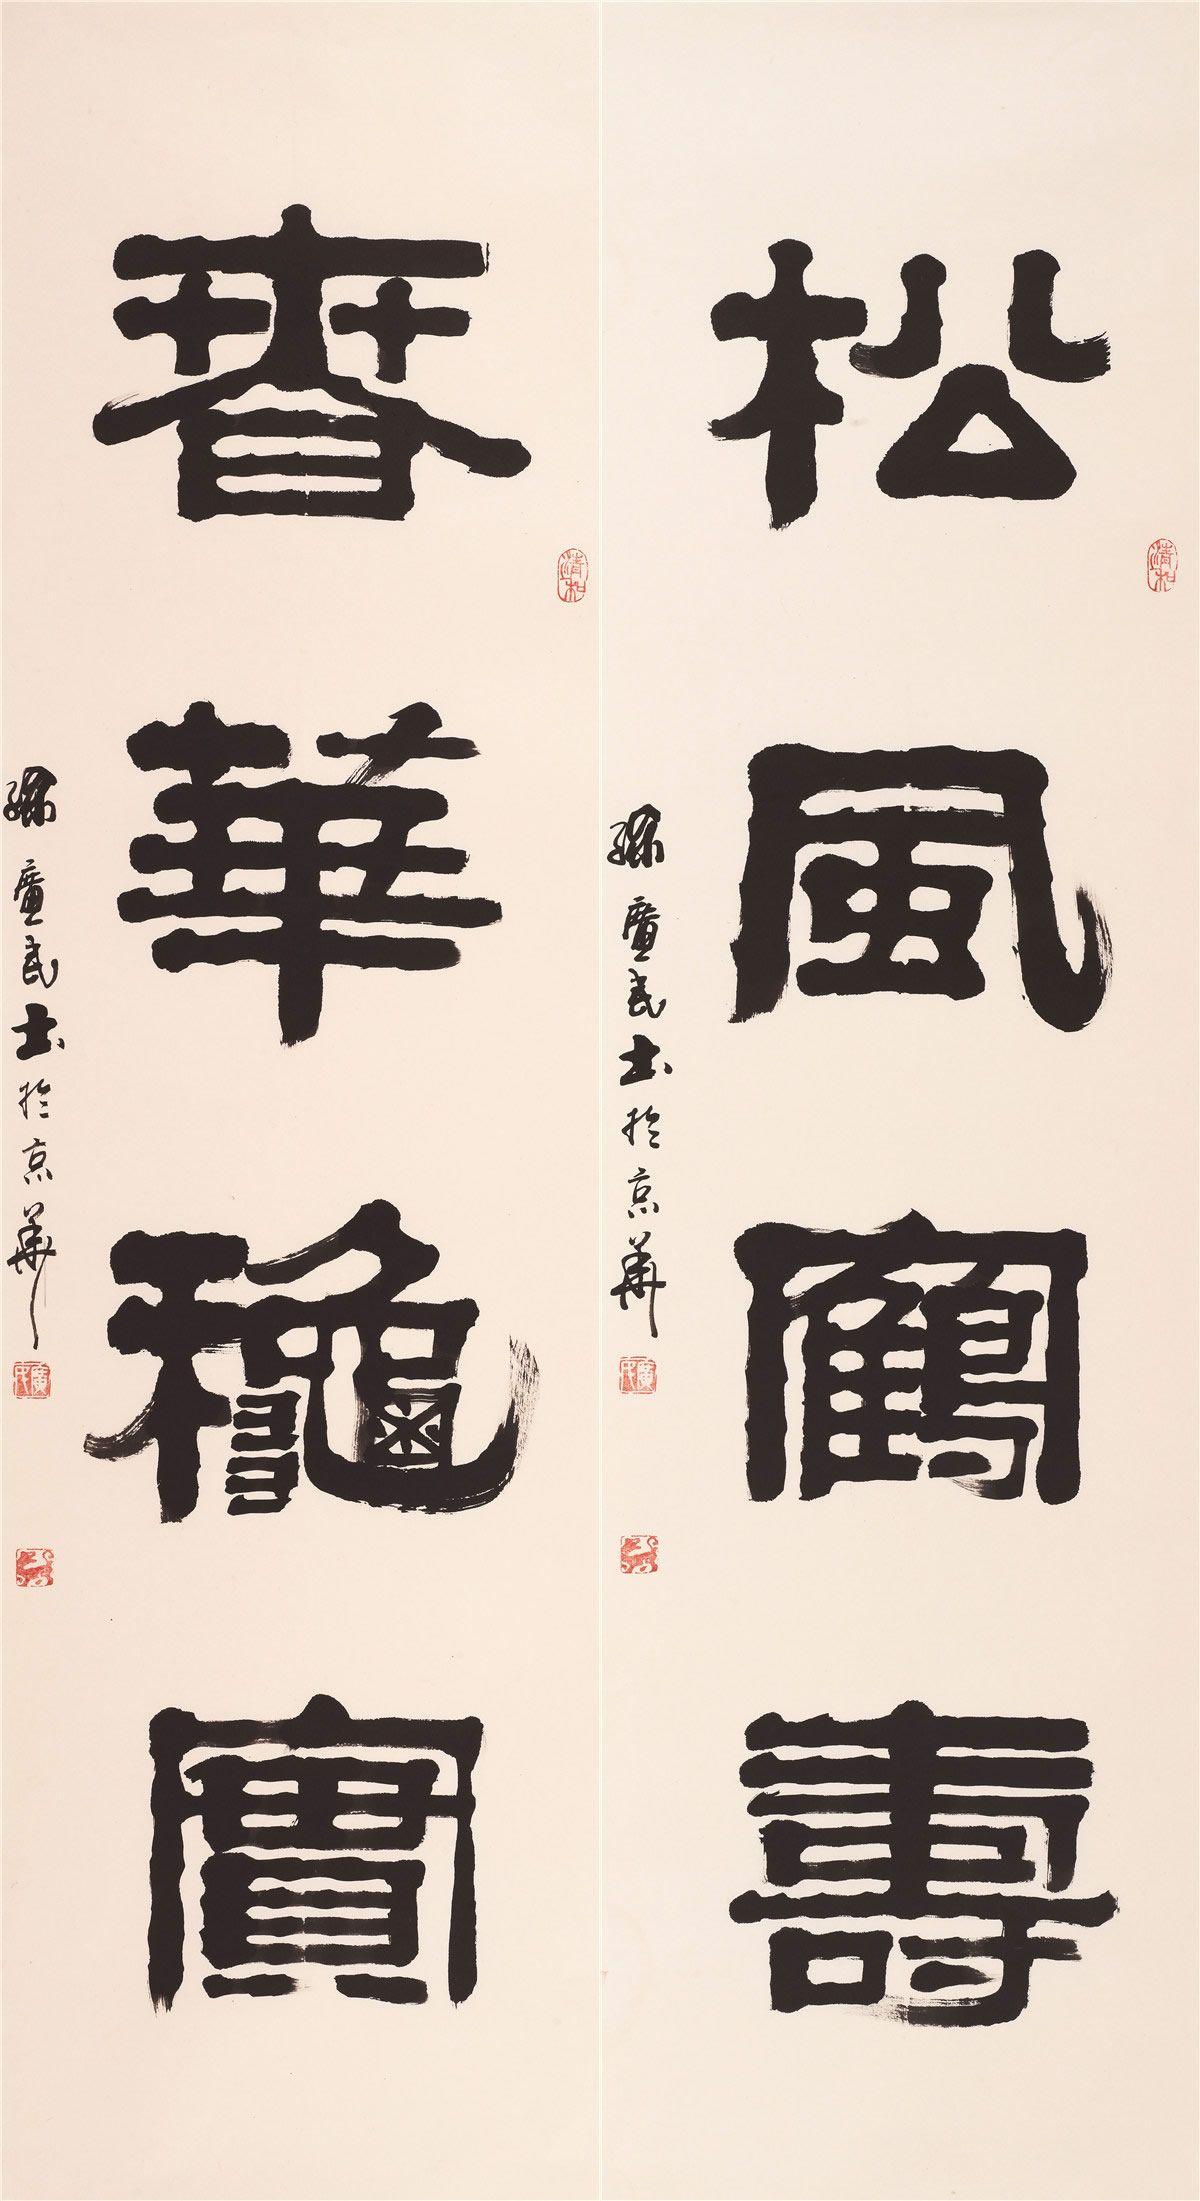 孙广民隶书作品--对联、条幅系列